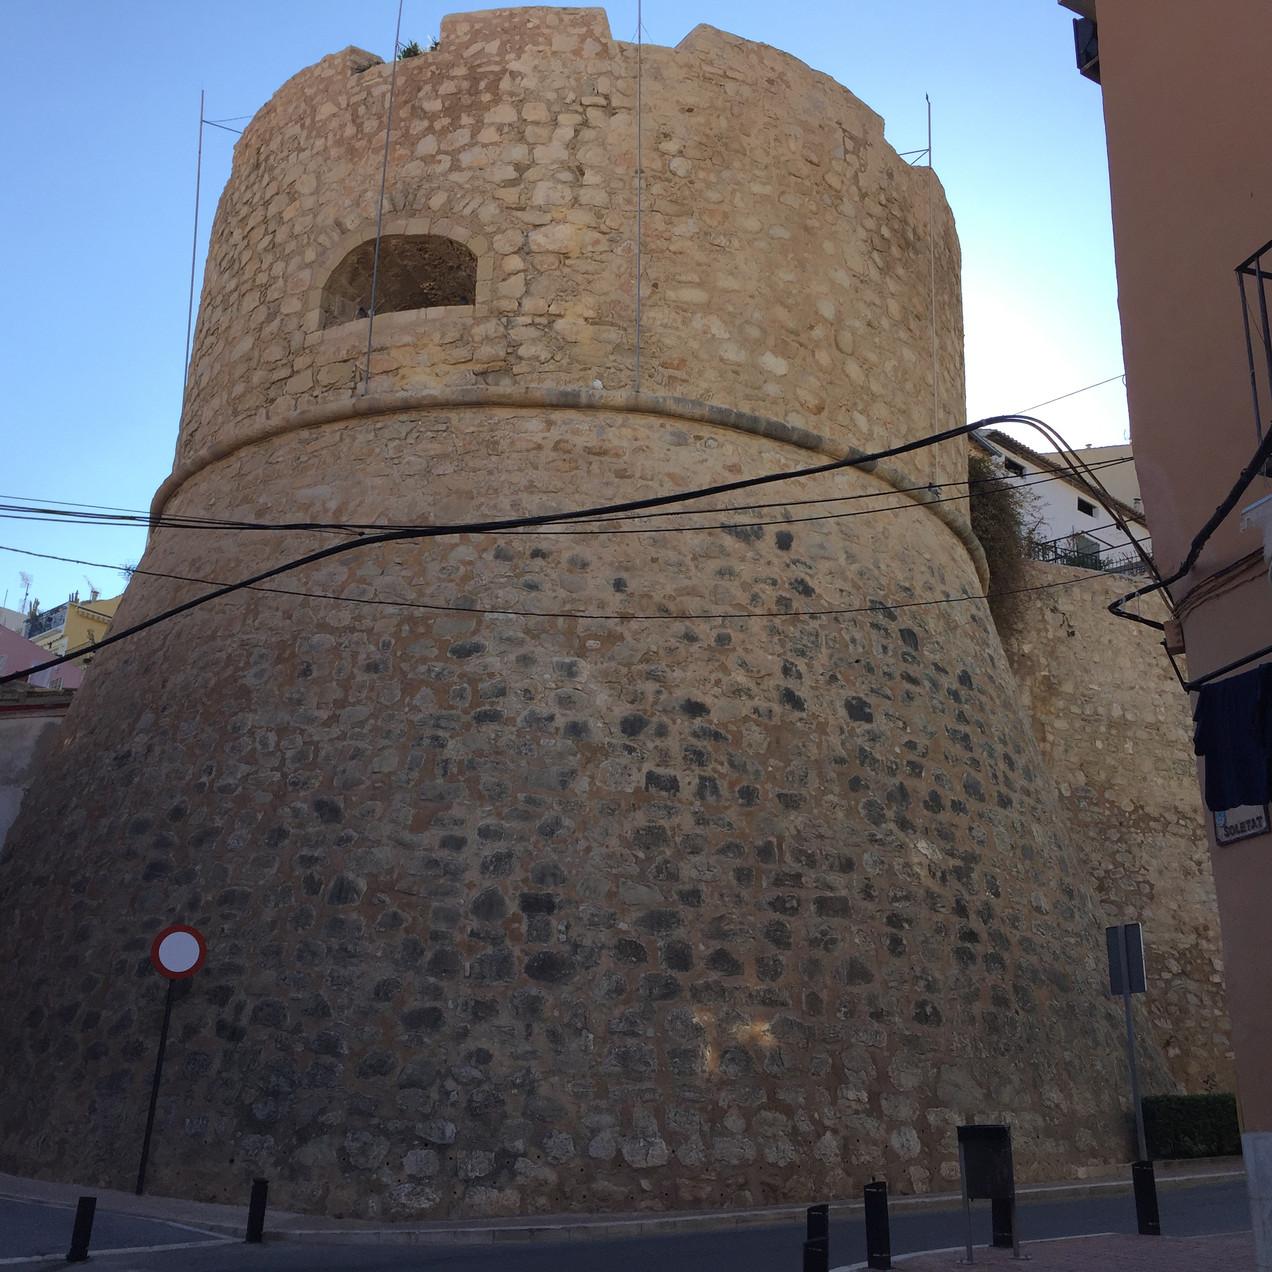 Baluarte del Pozo tower